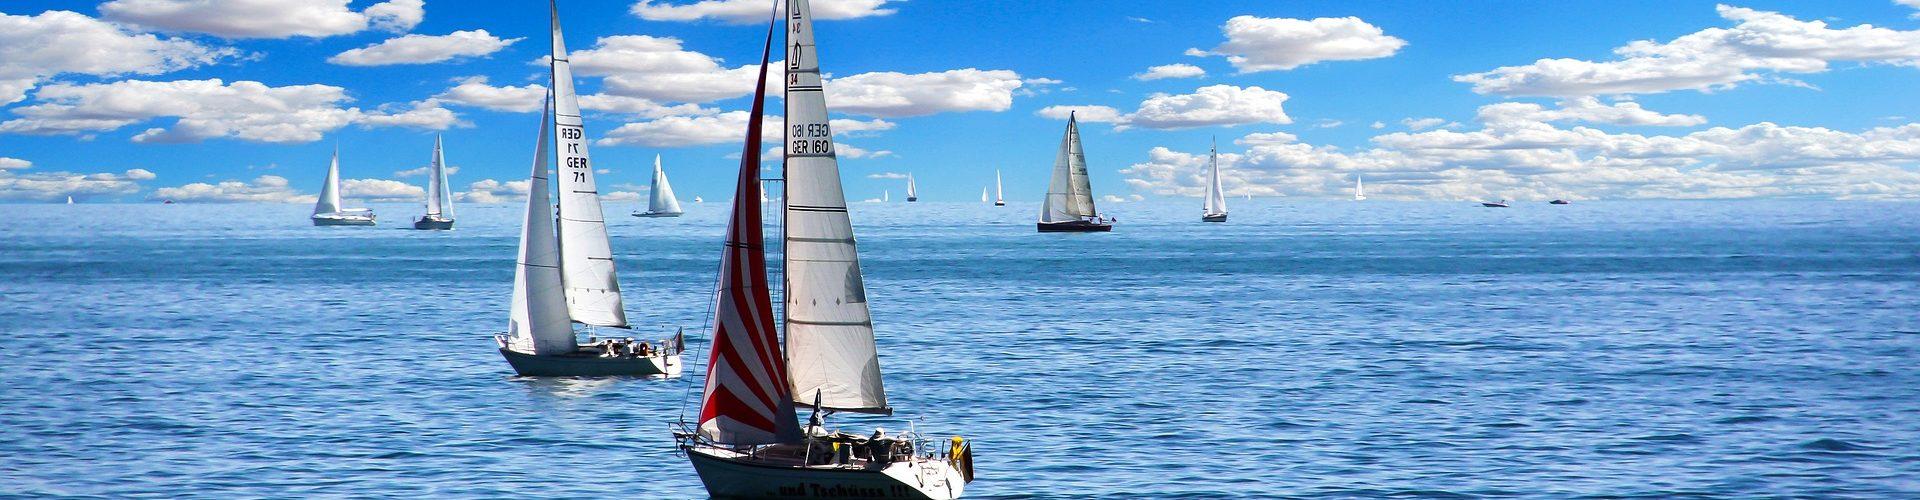 segeln lernen in Wedel segelschein machen in Wedel 1920x500 - Segeln lernen in Wedel